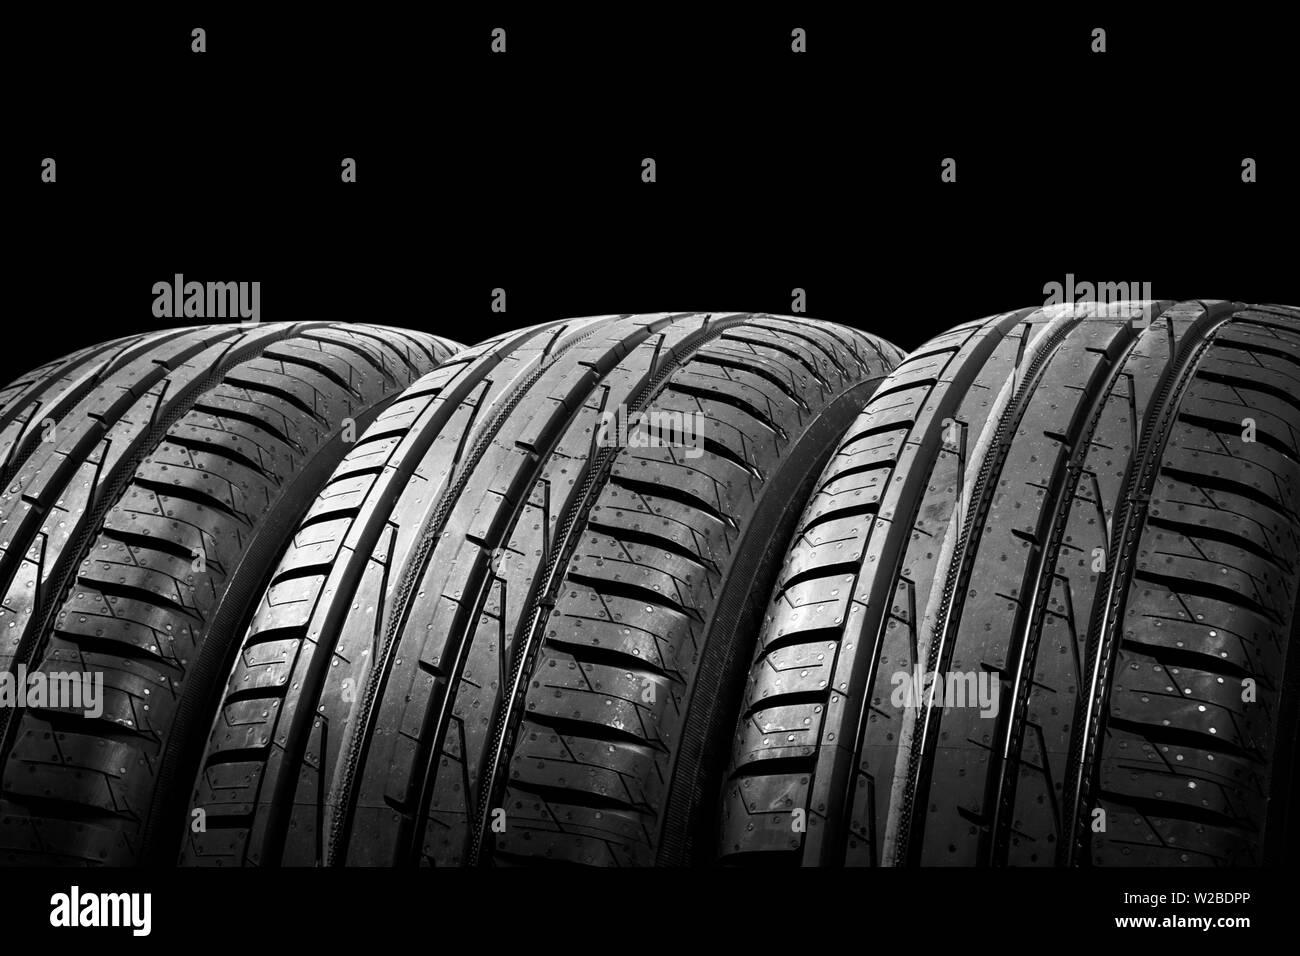 Foto de estudio de un juego de neumáticos de verano aislado sobre fondo negro. Antecedentes La pila de neumáticos. Neumático de coche protector de cerca. Neumático de caucho negro. Marca ne Foto de stock